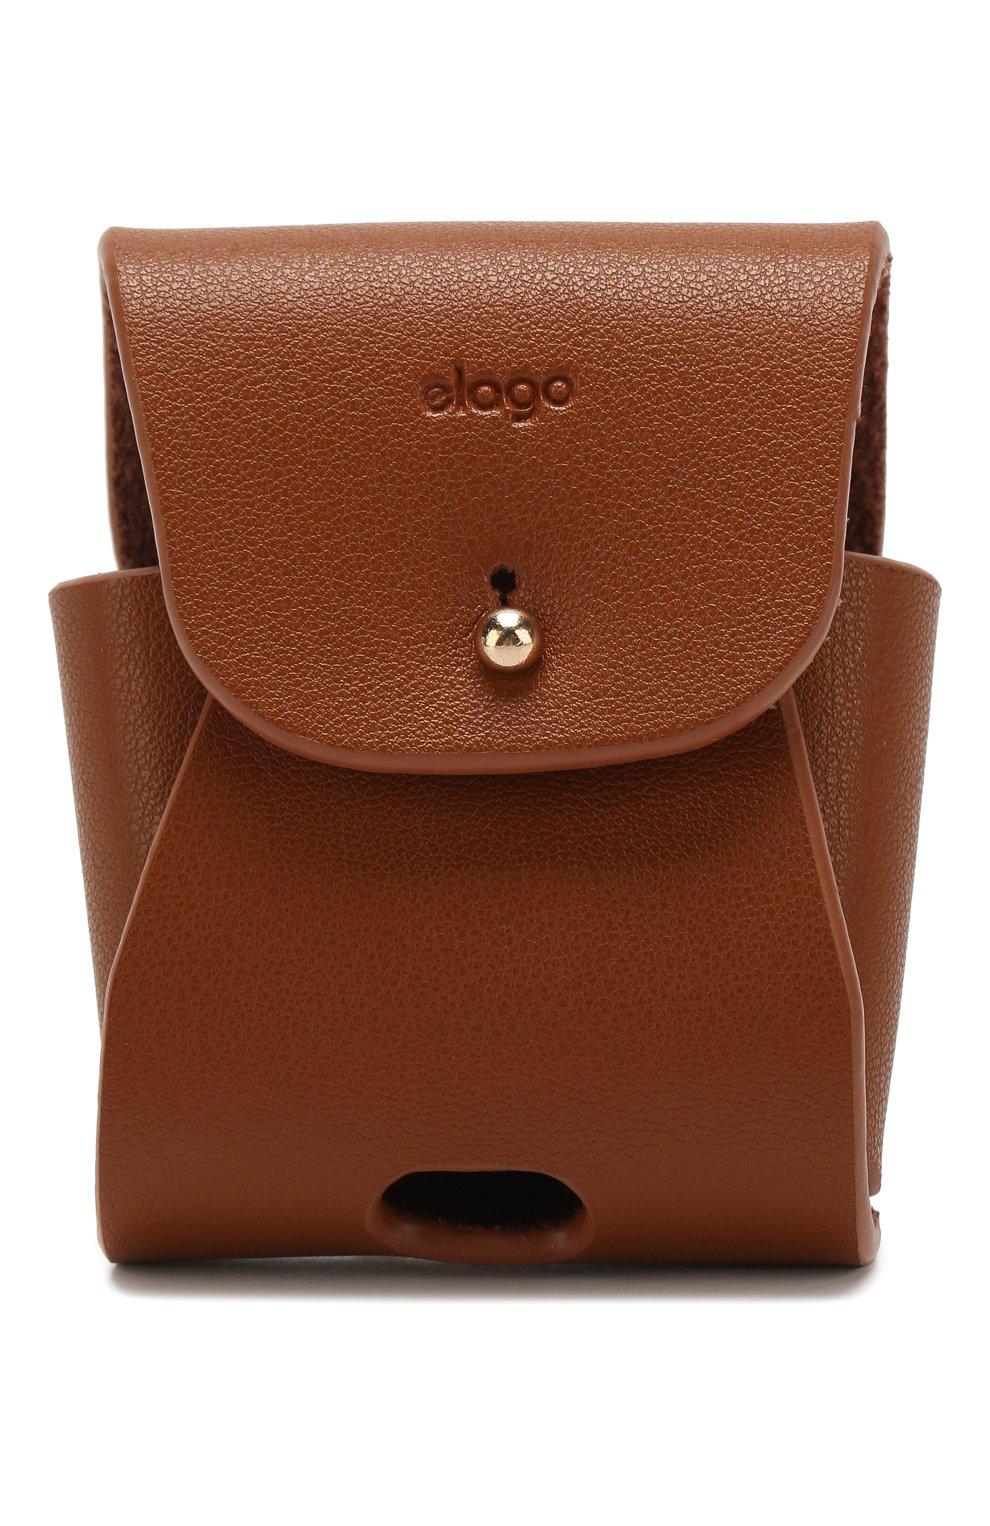 Чехол для airpods ELAGO коричневого цвета, арт. EAPLE-BR   Фото 1 (Статус проверки: Проверена категория)